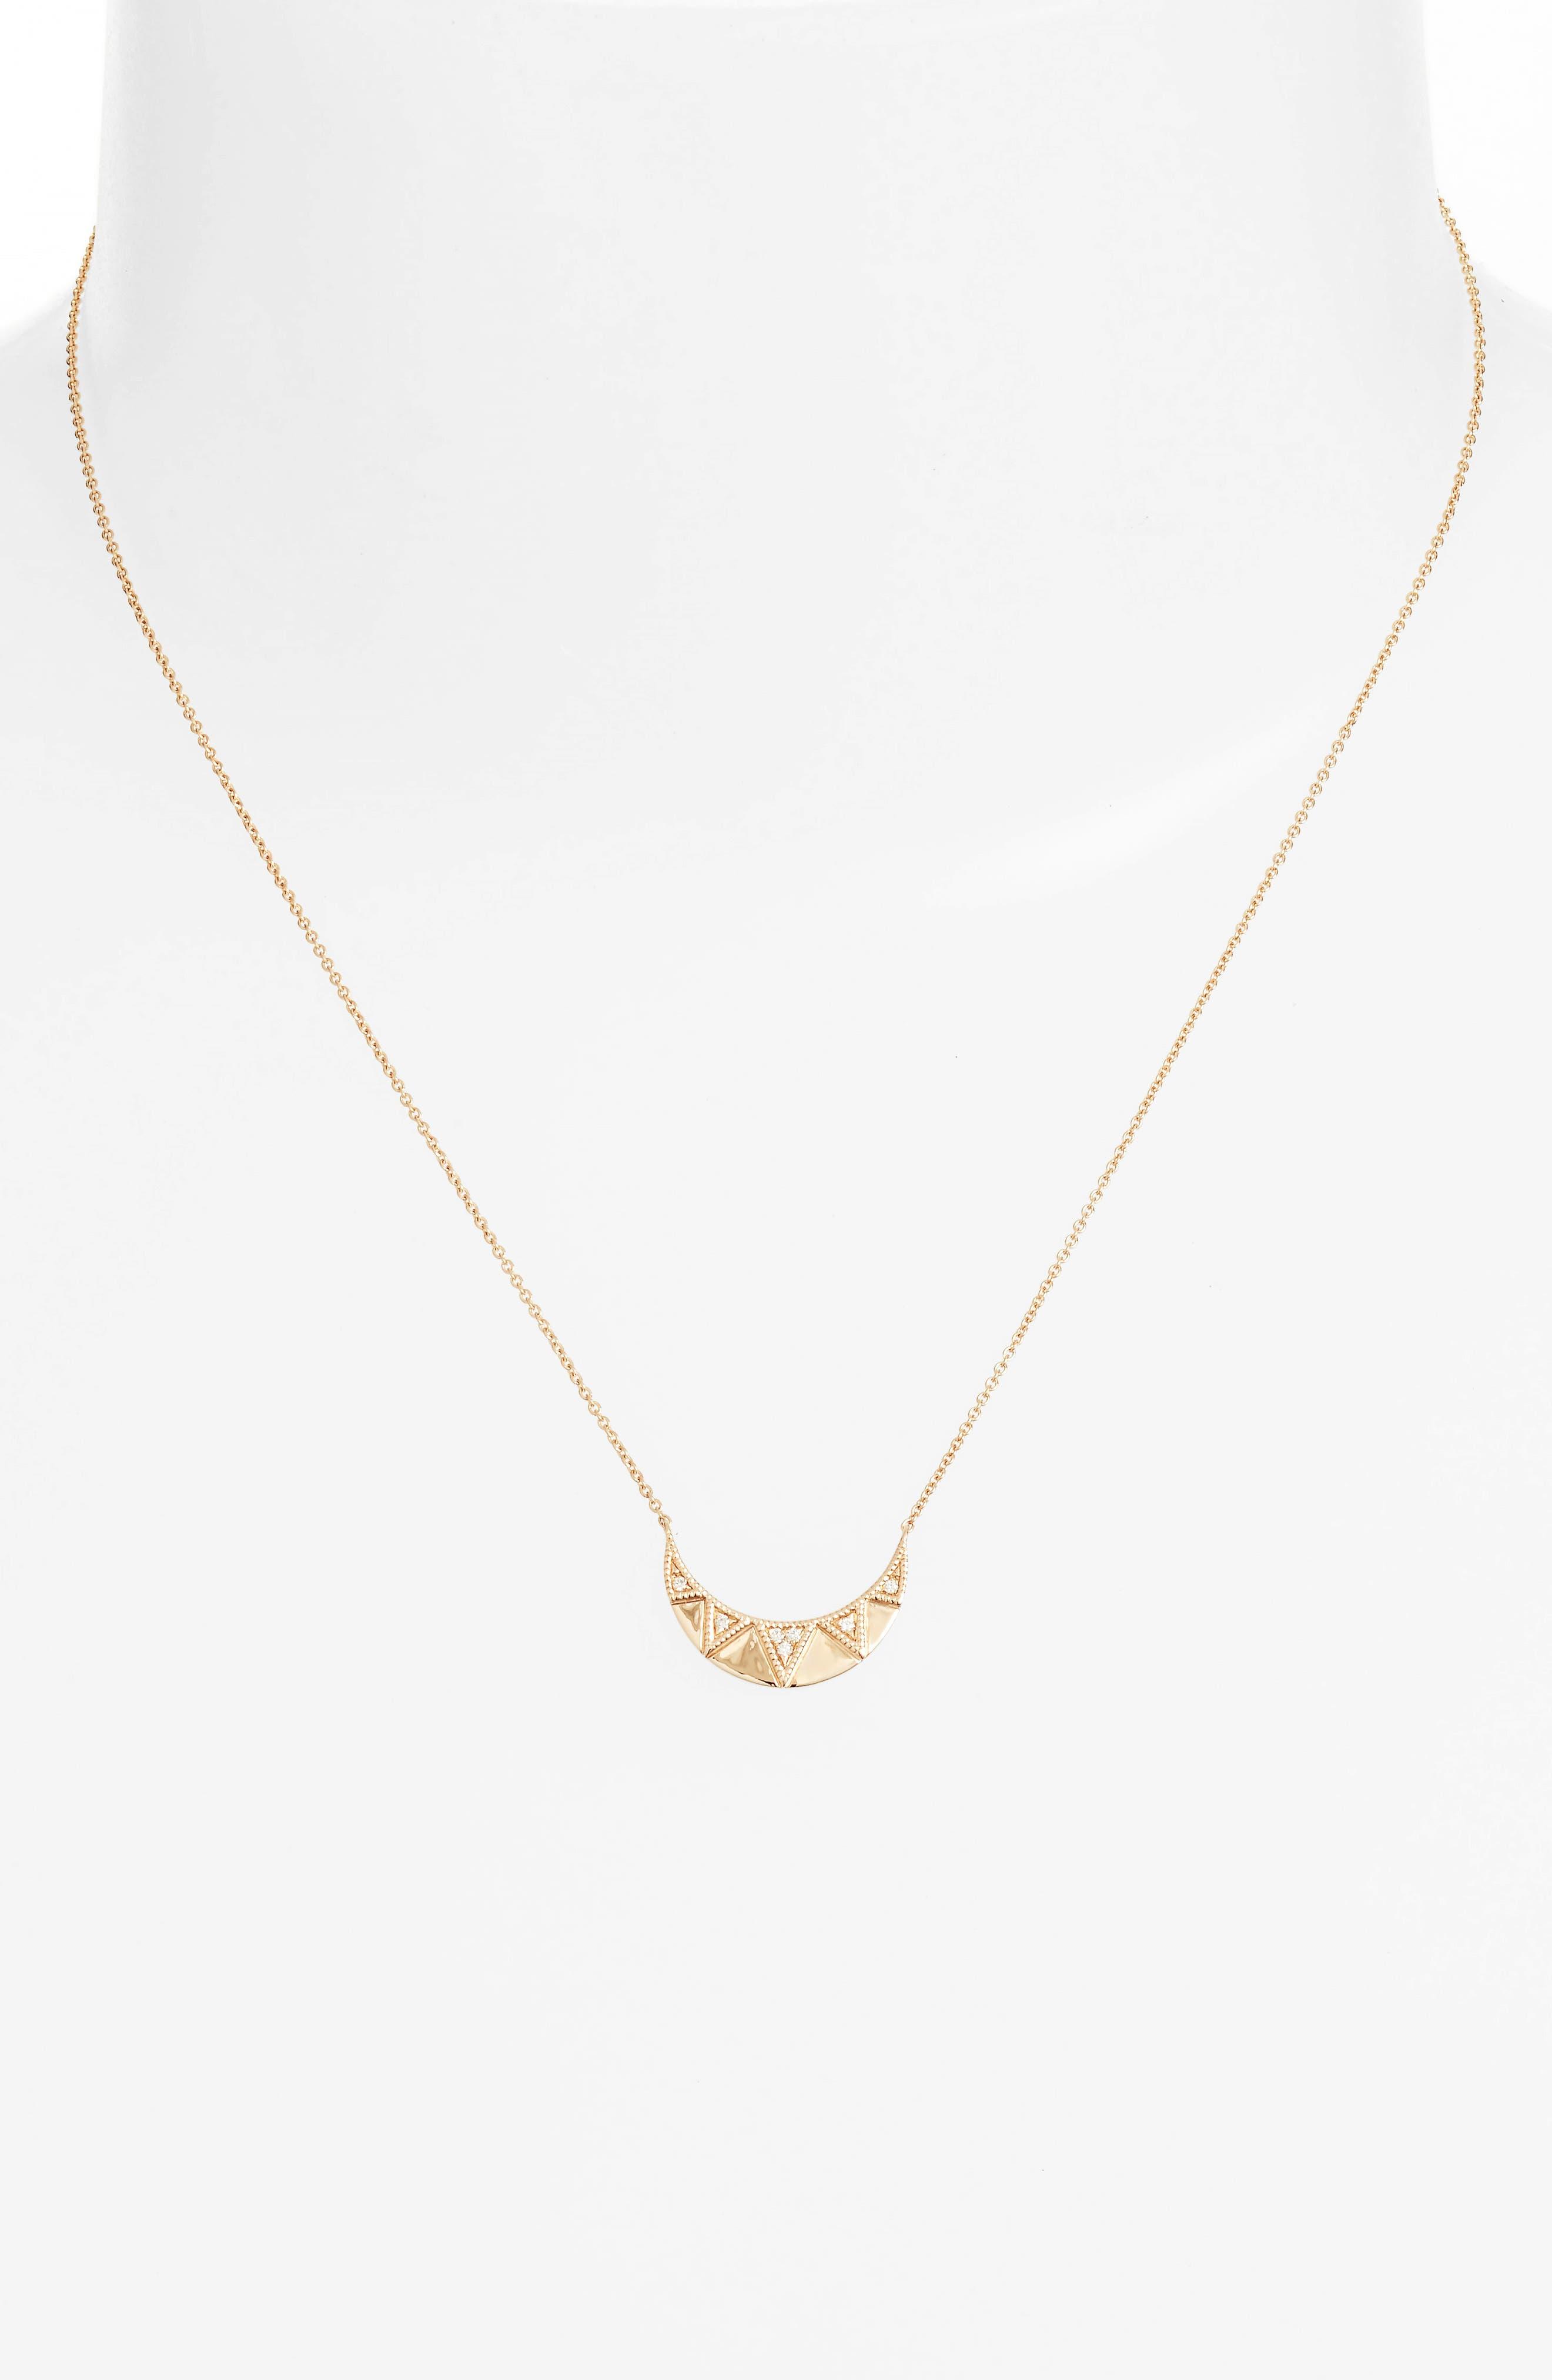 Jeanie Ann Diamond Pendant Necklace,                             Alternate thumbnail 2, color,                             710